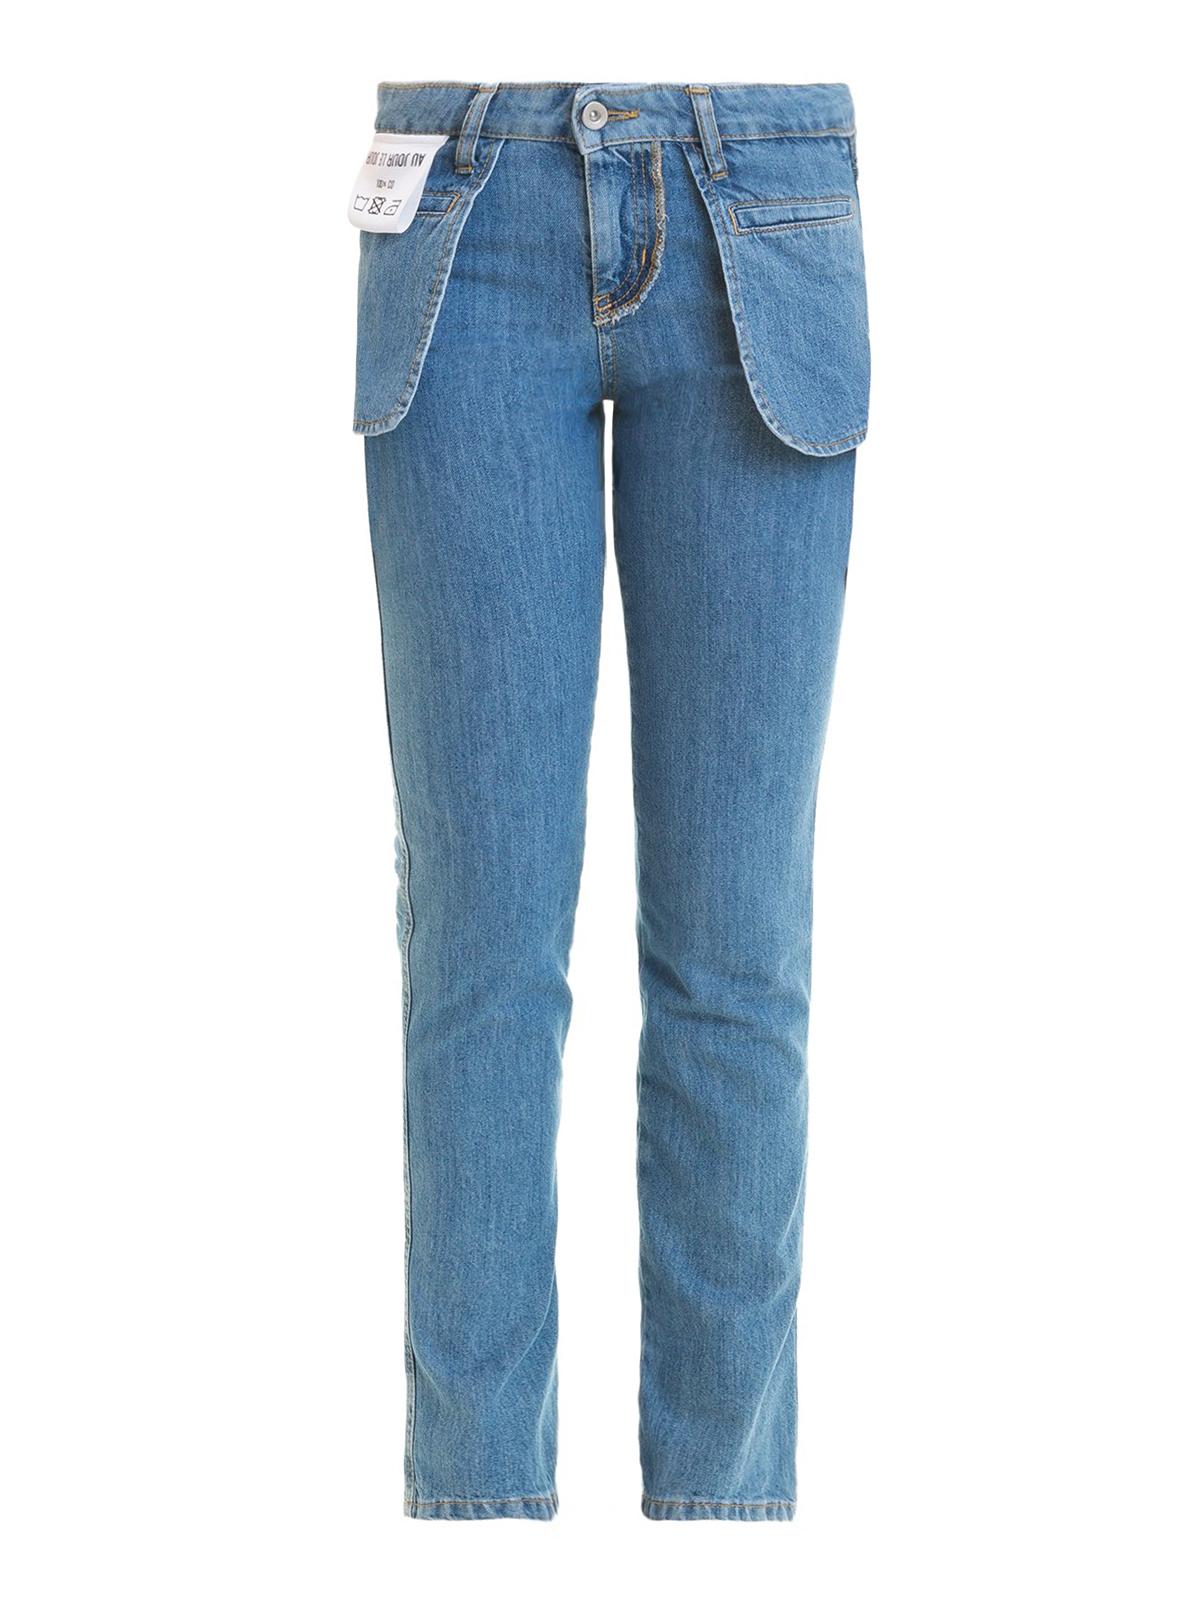 af8c5626 au-jour-le-jour-skinny-jeans-inside-out-pocket-jeans-00000146528f00s001.jpg